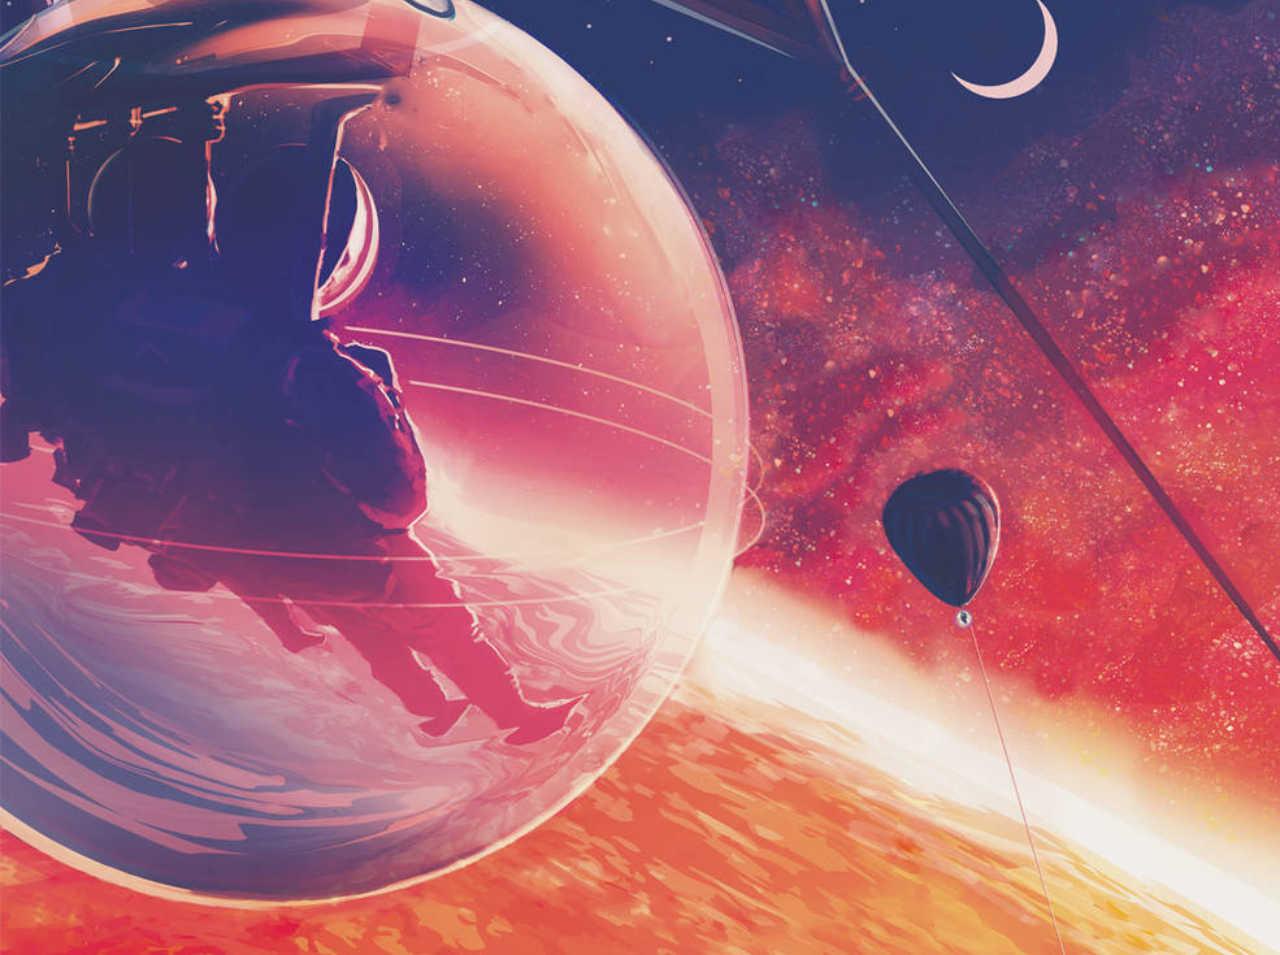 Ferramenta de visualização da NASA adiciona tour virtual ao mundo da lava 55 Cancri ...